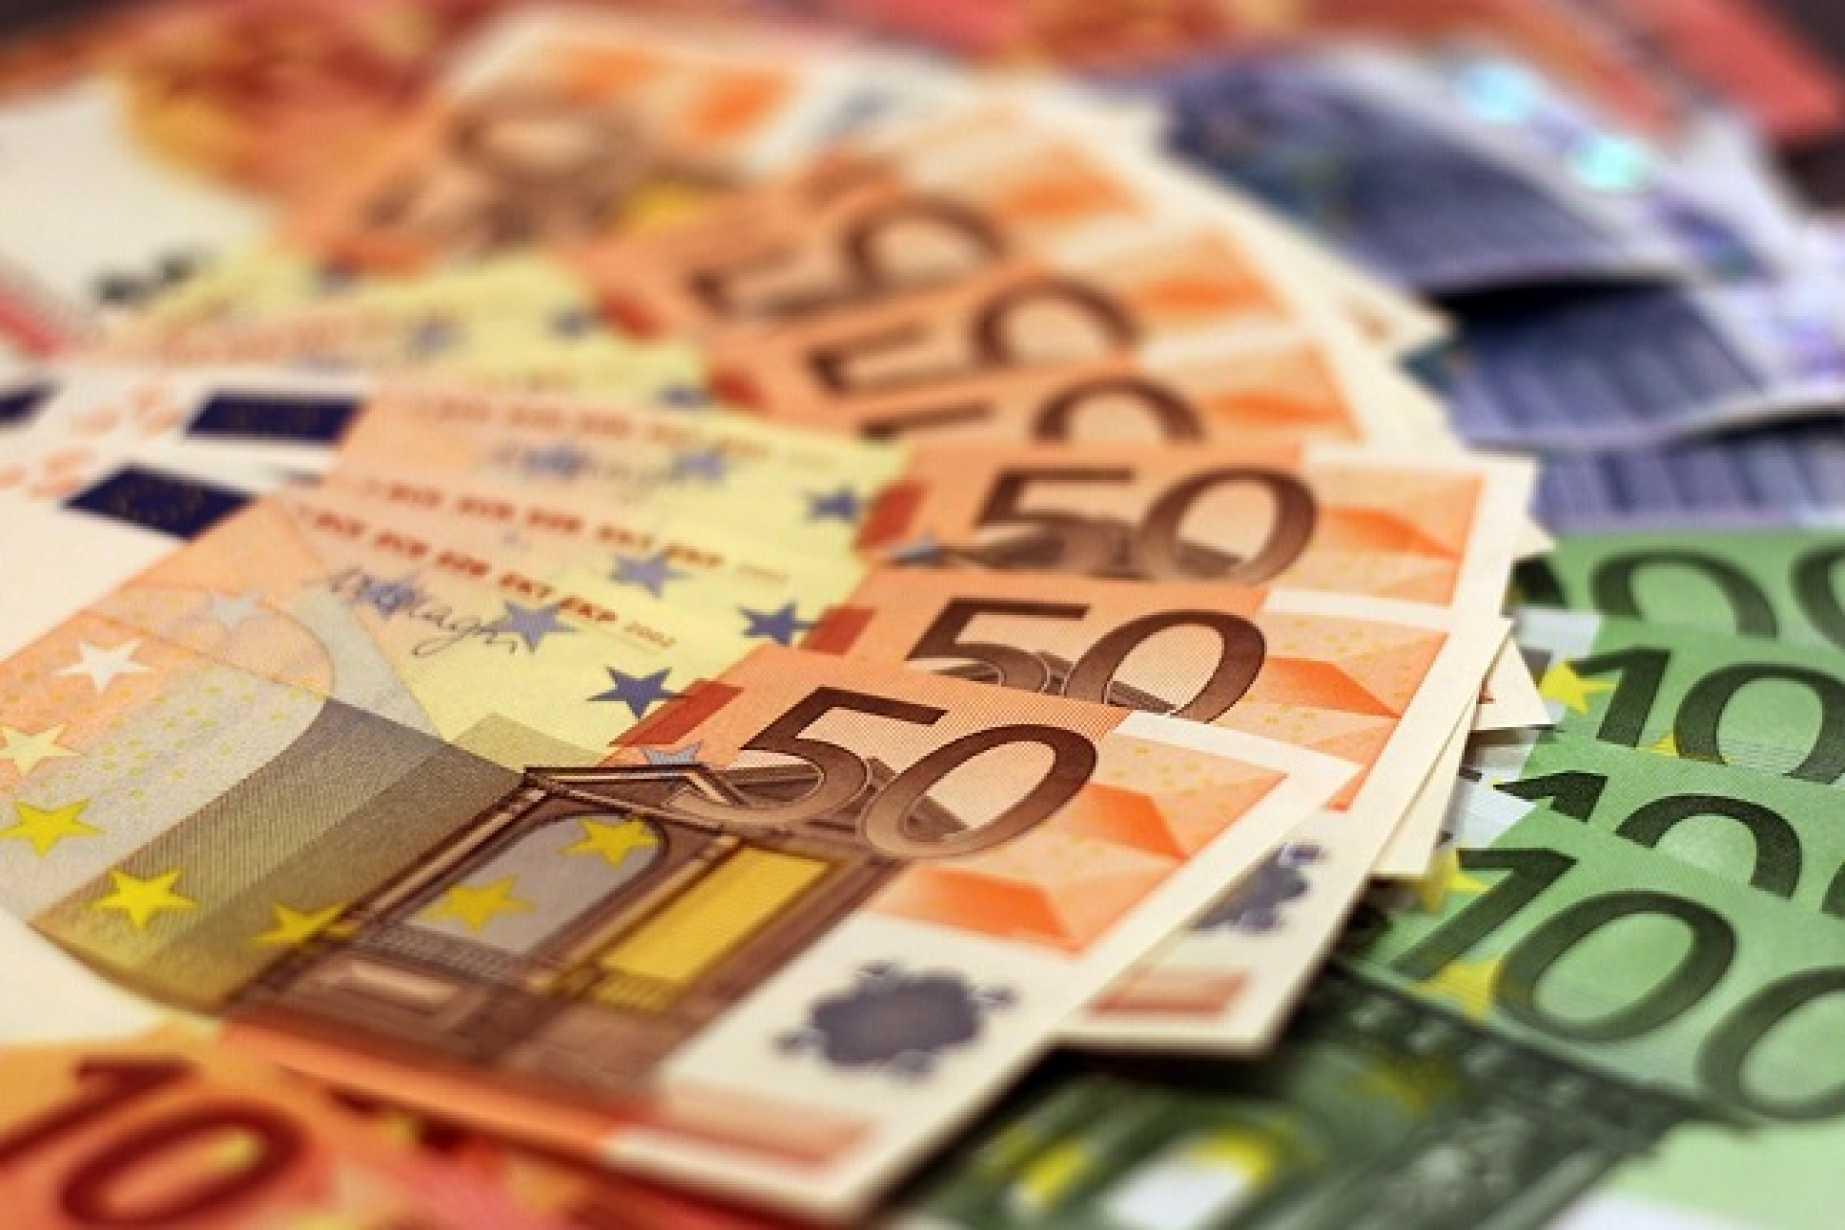 Covid-19 visvairāk skartajām nozarēm valsts nepieciešamības gadījumā maksās darbinieku atalgojumu 75% apmērā